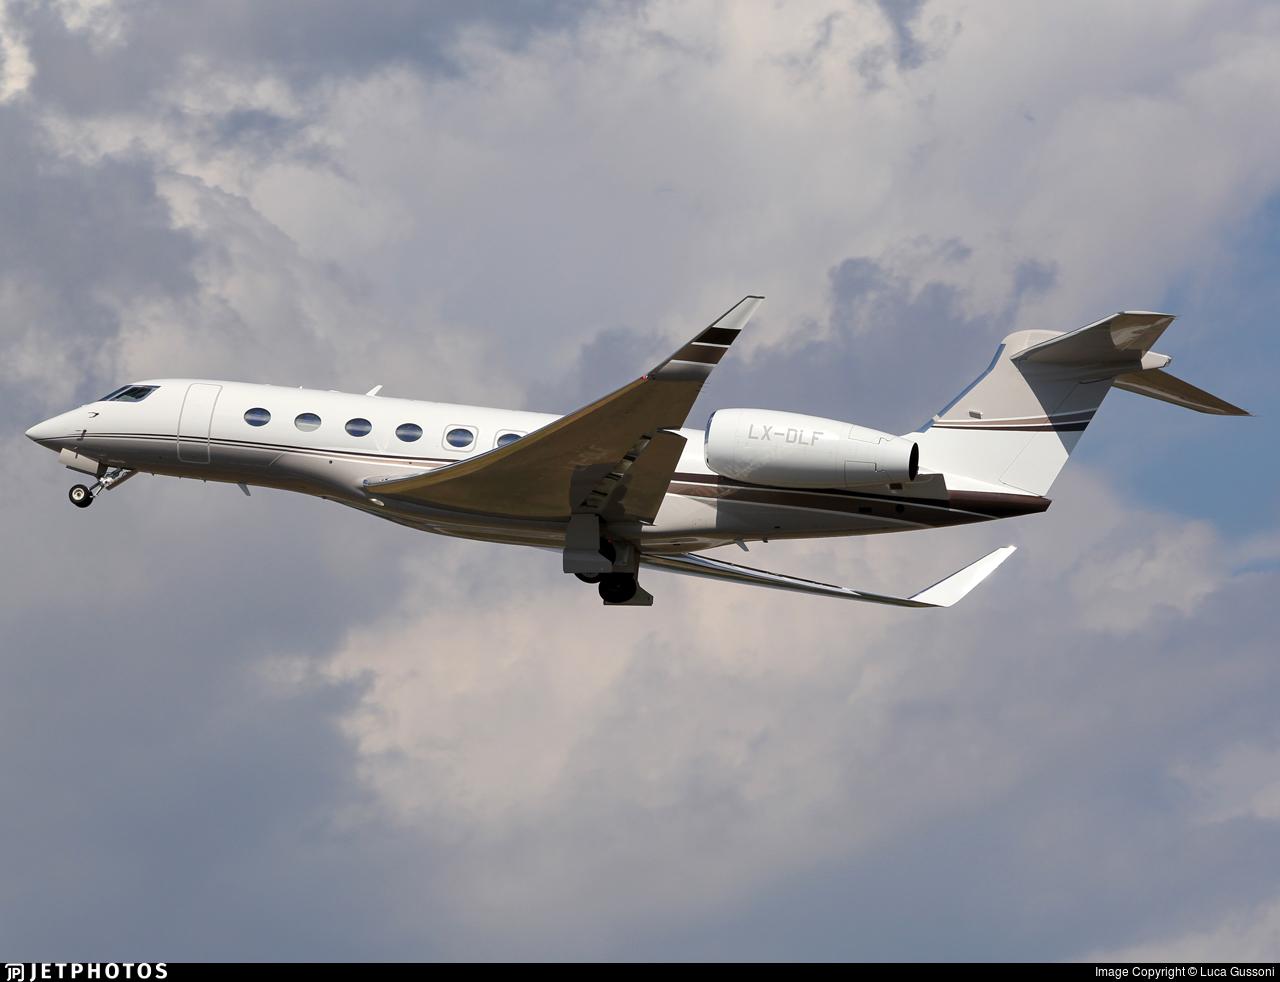 LX-DLF - Gulfstream G650 - Private